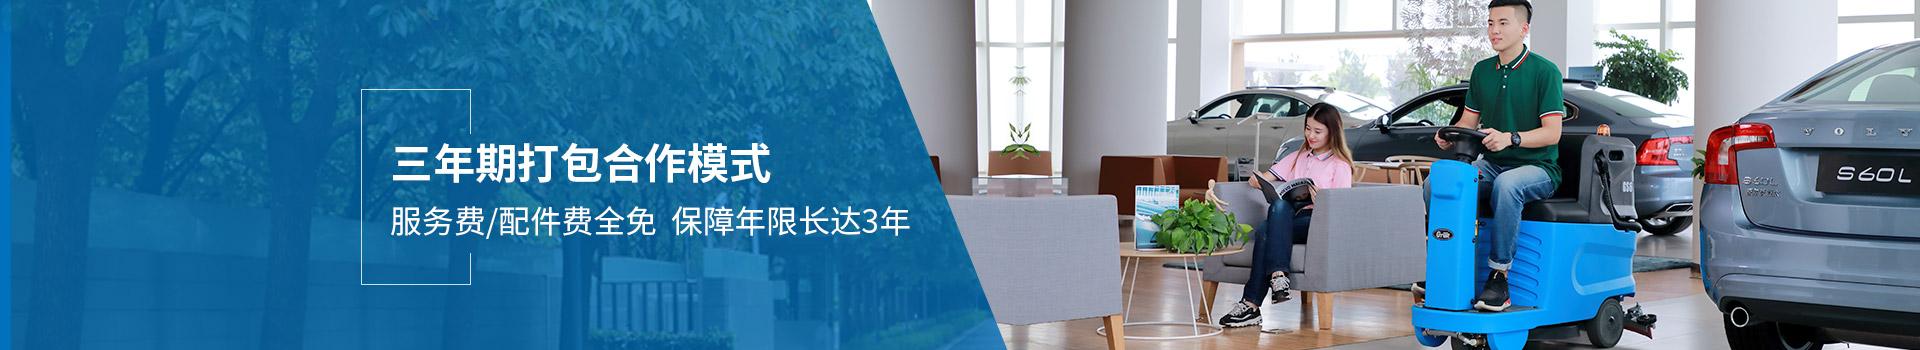 南京嘉得力-三年期打包合作模式